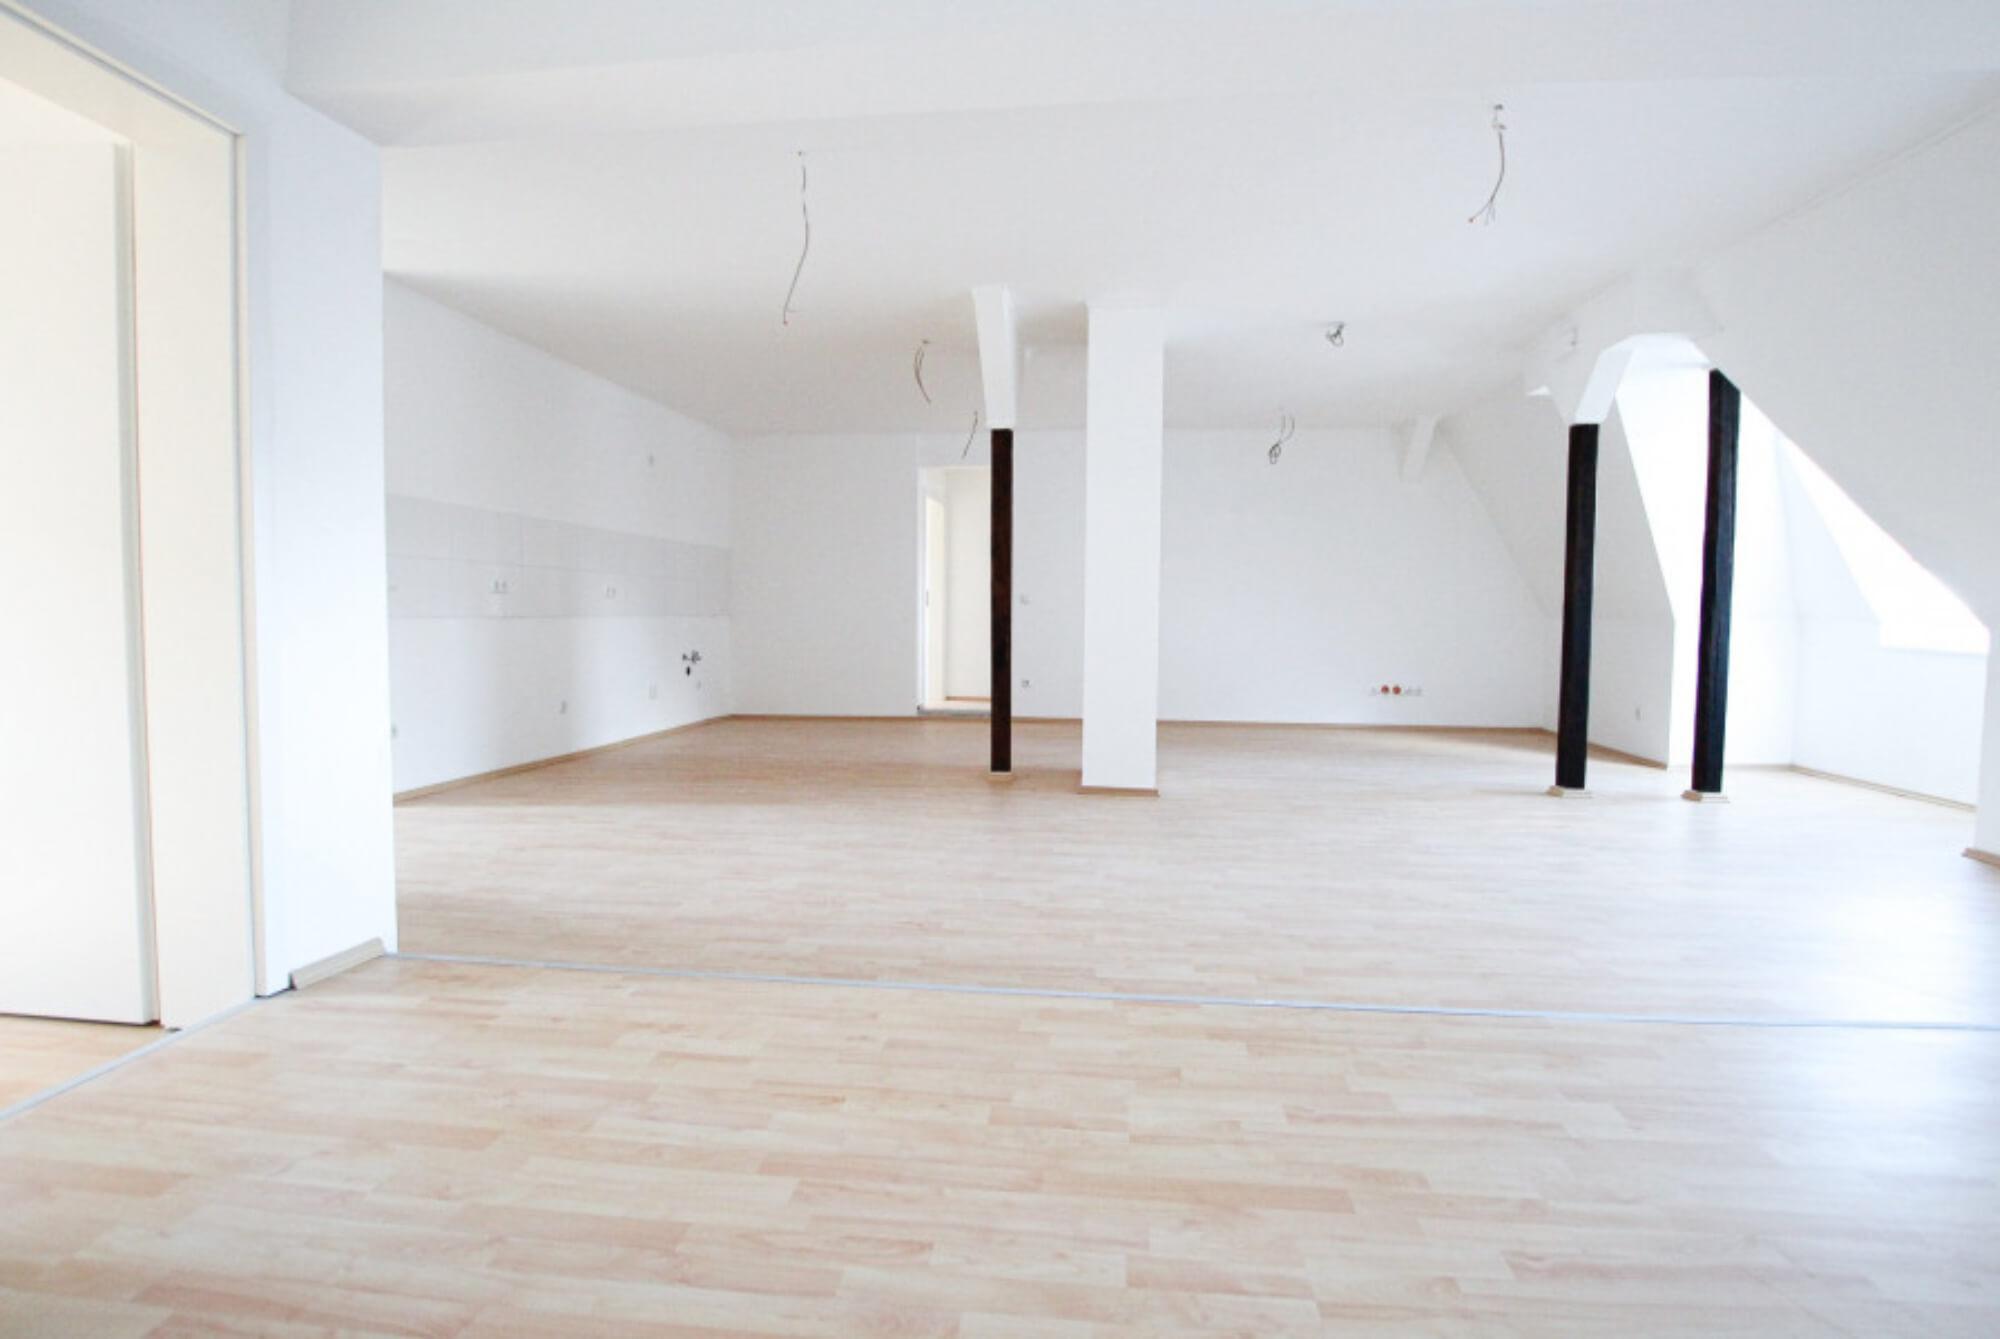 Neuausbau – Großzügige 3-Zimmer-Dachgeschosswohnung in Hagen! – mit 360°-Tour!